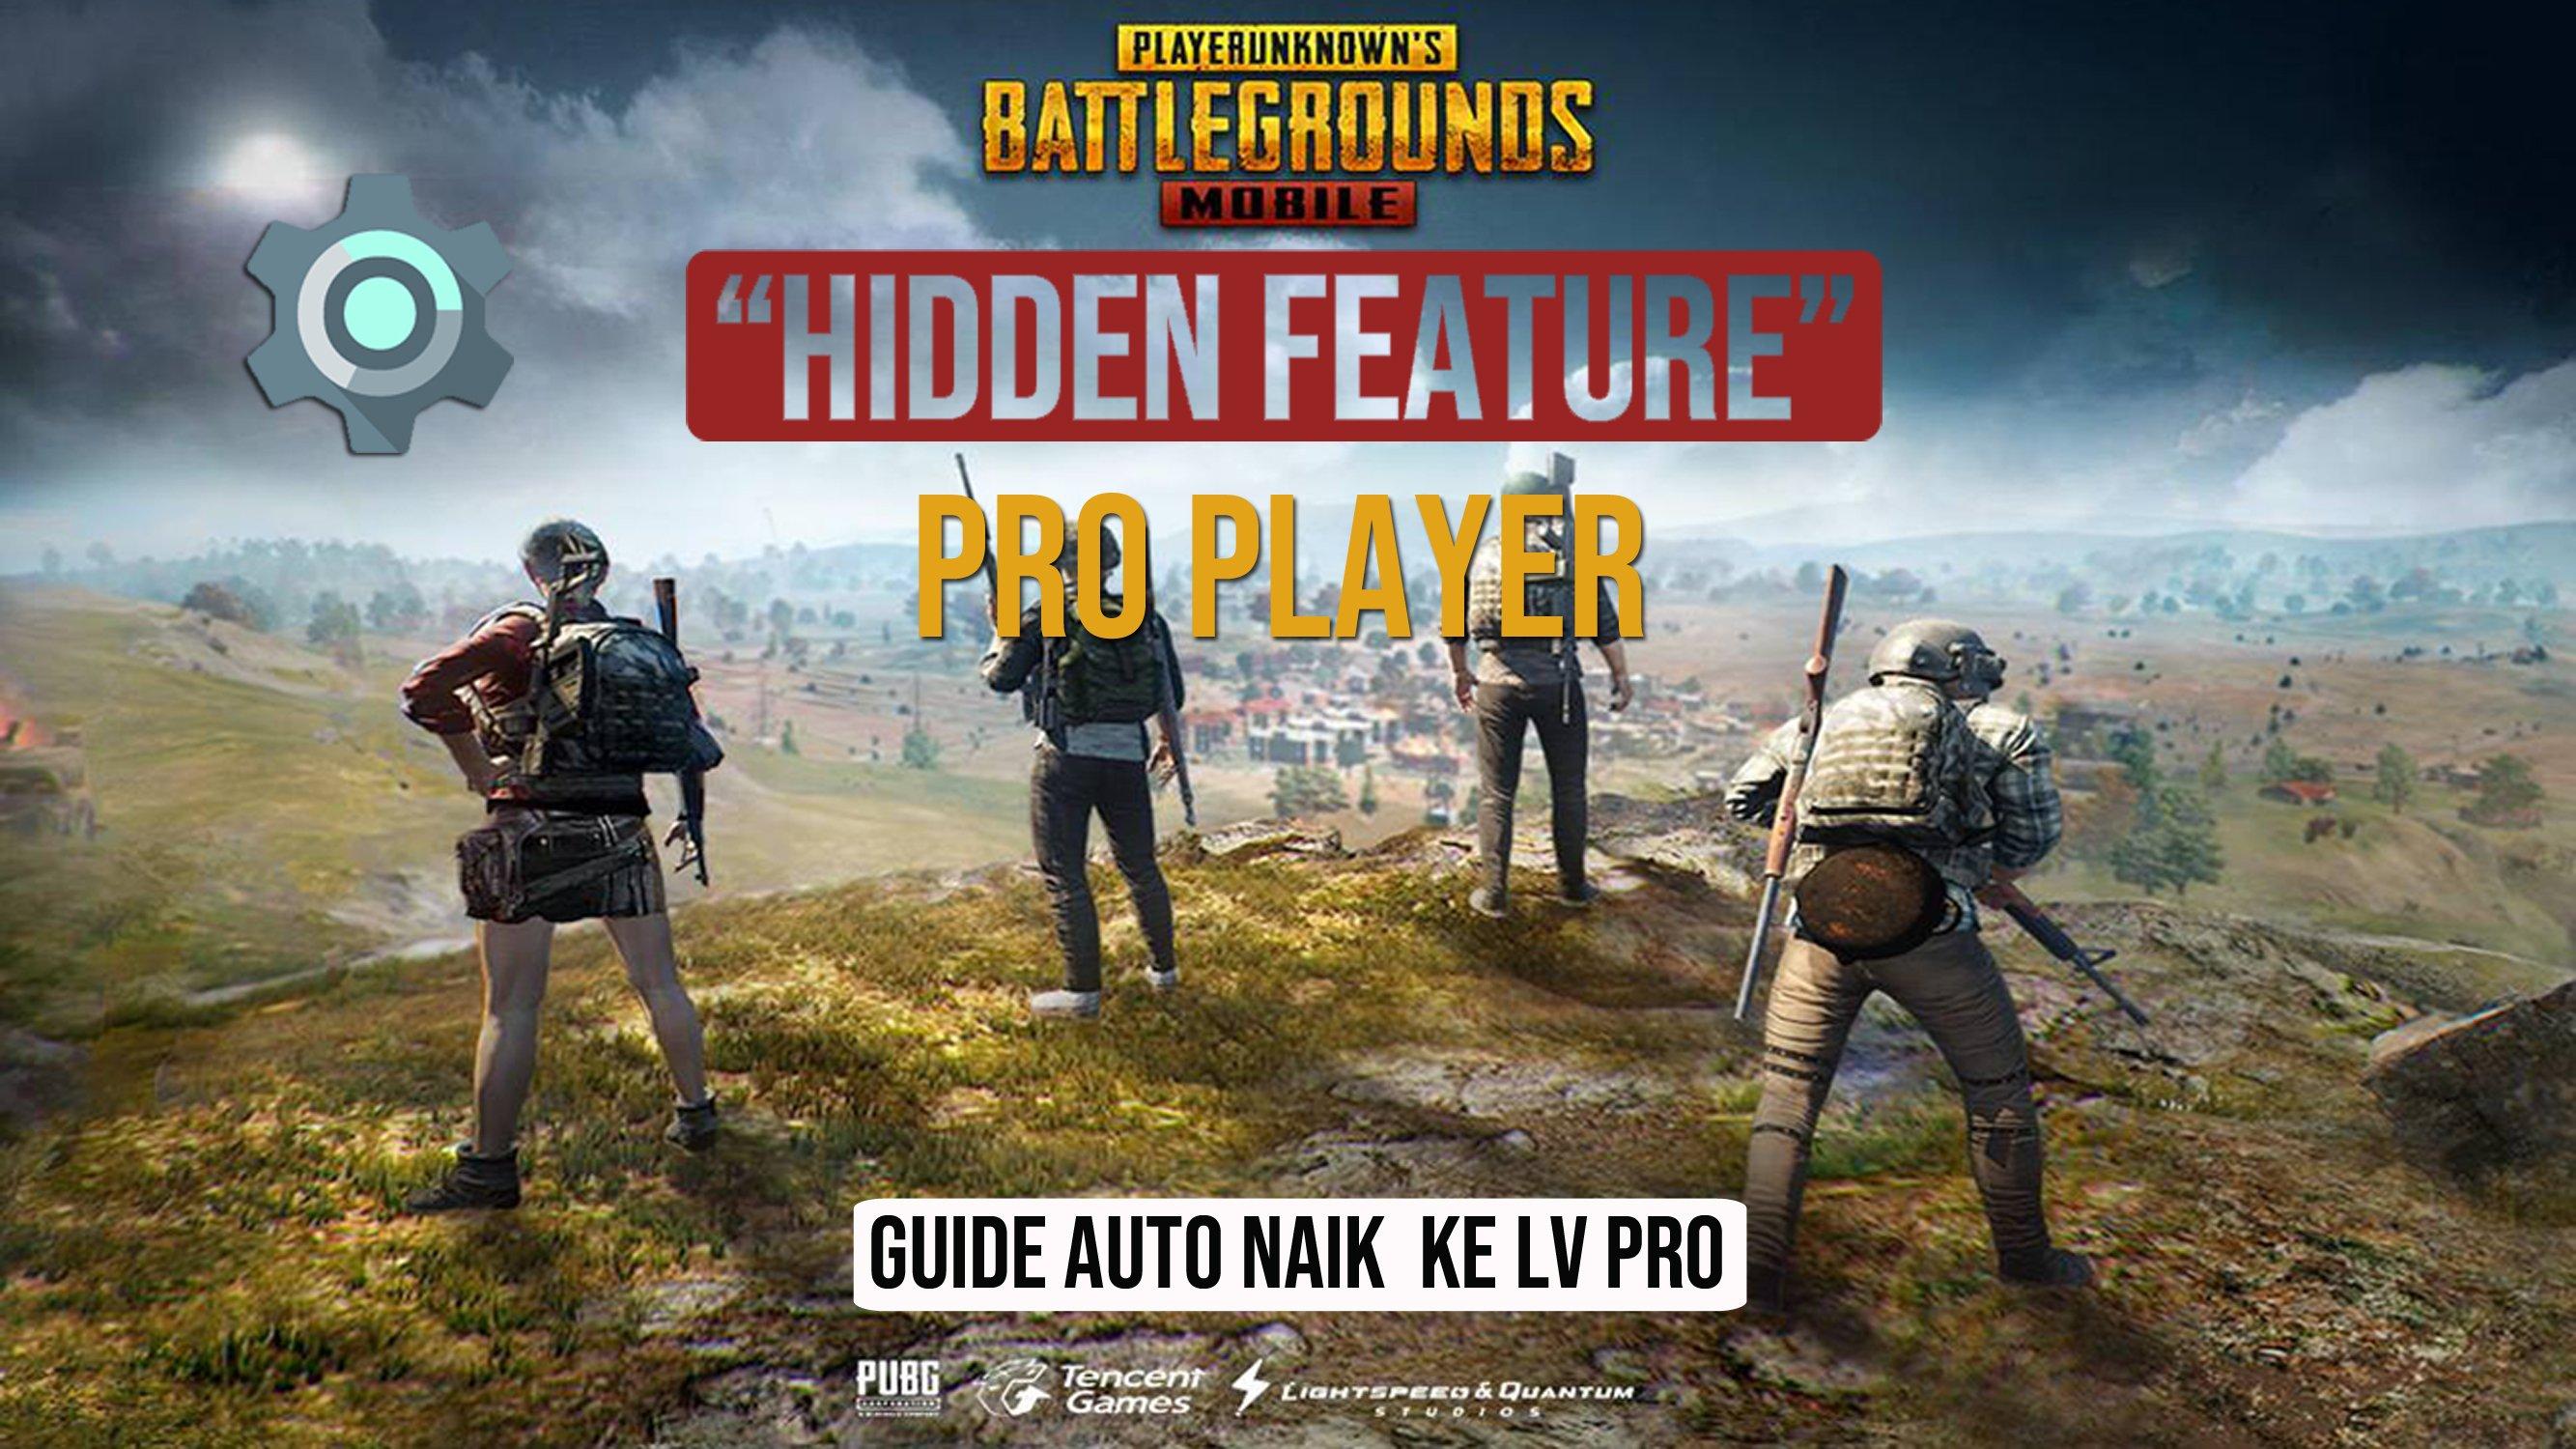 Hidden feature para pro player pubg mobile